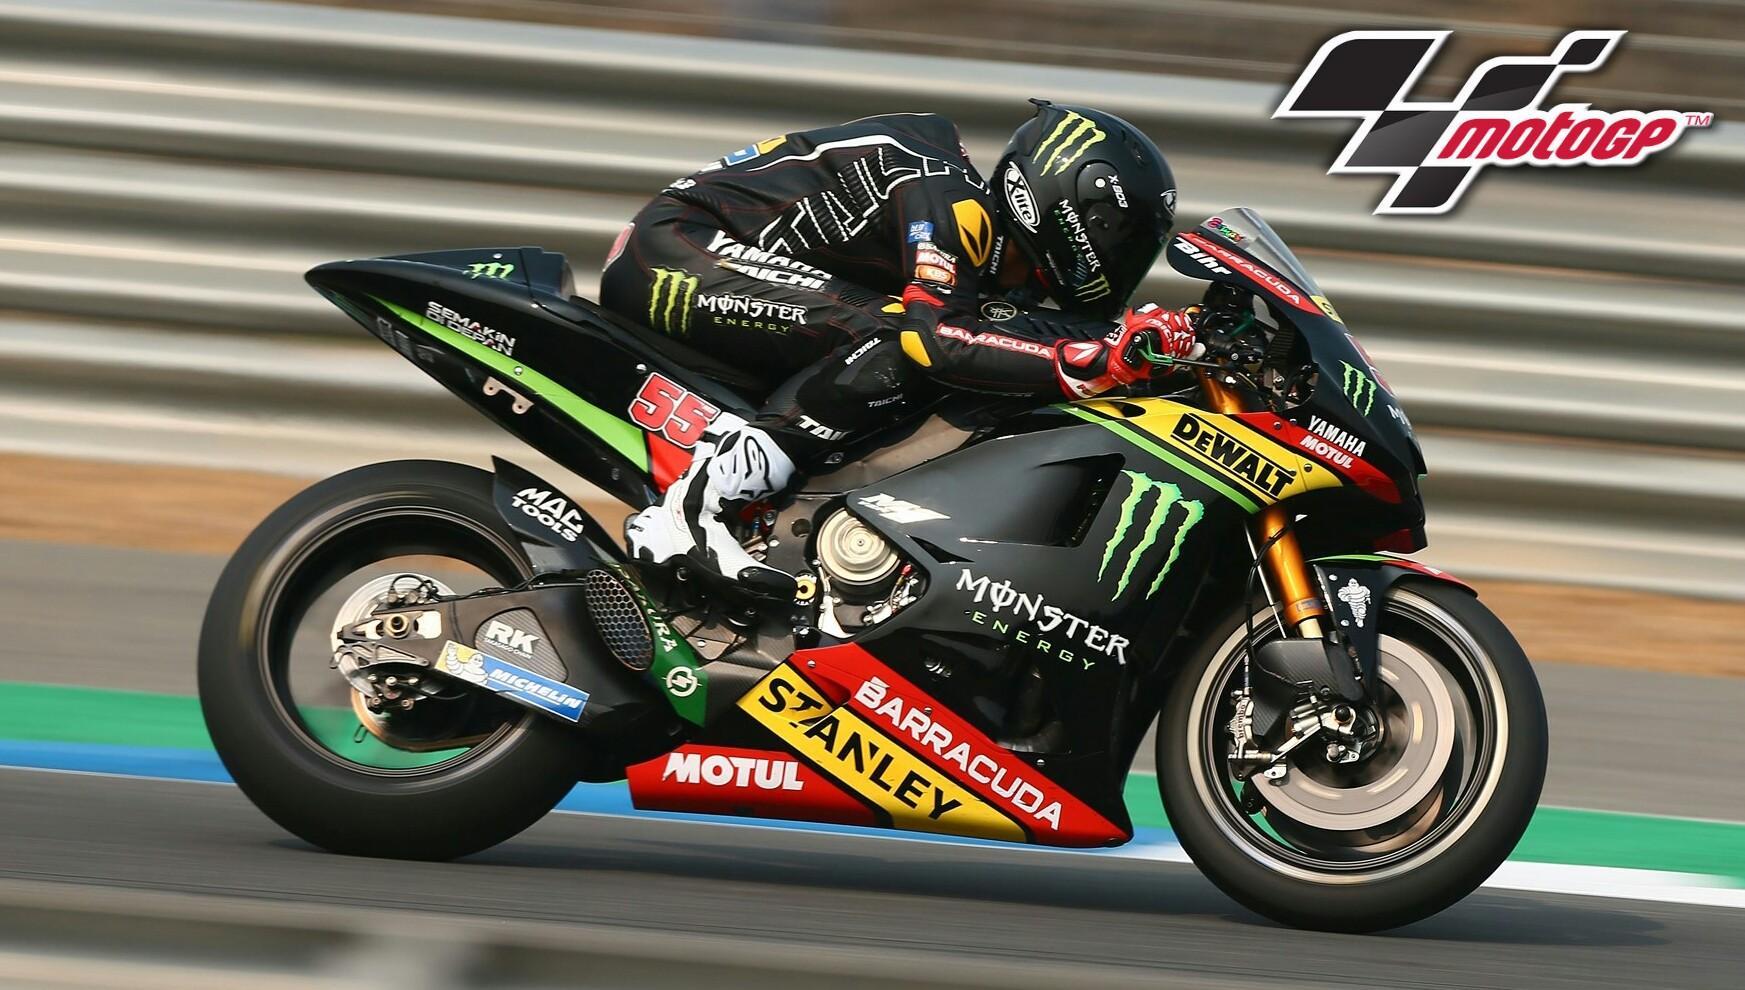 Jadual Siaran Langsung MotoGP 2018 Waktu Malaysia